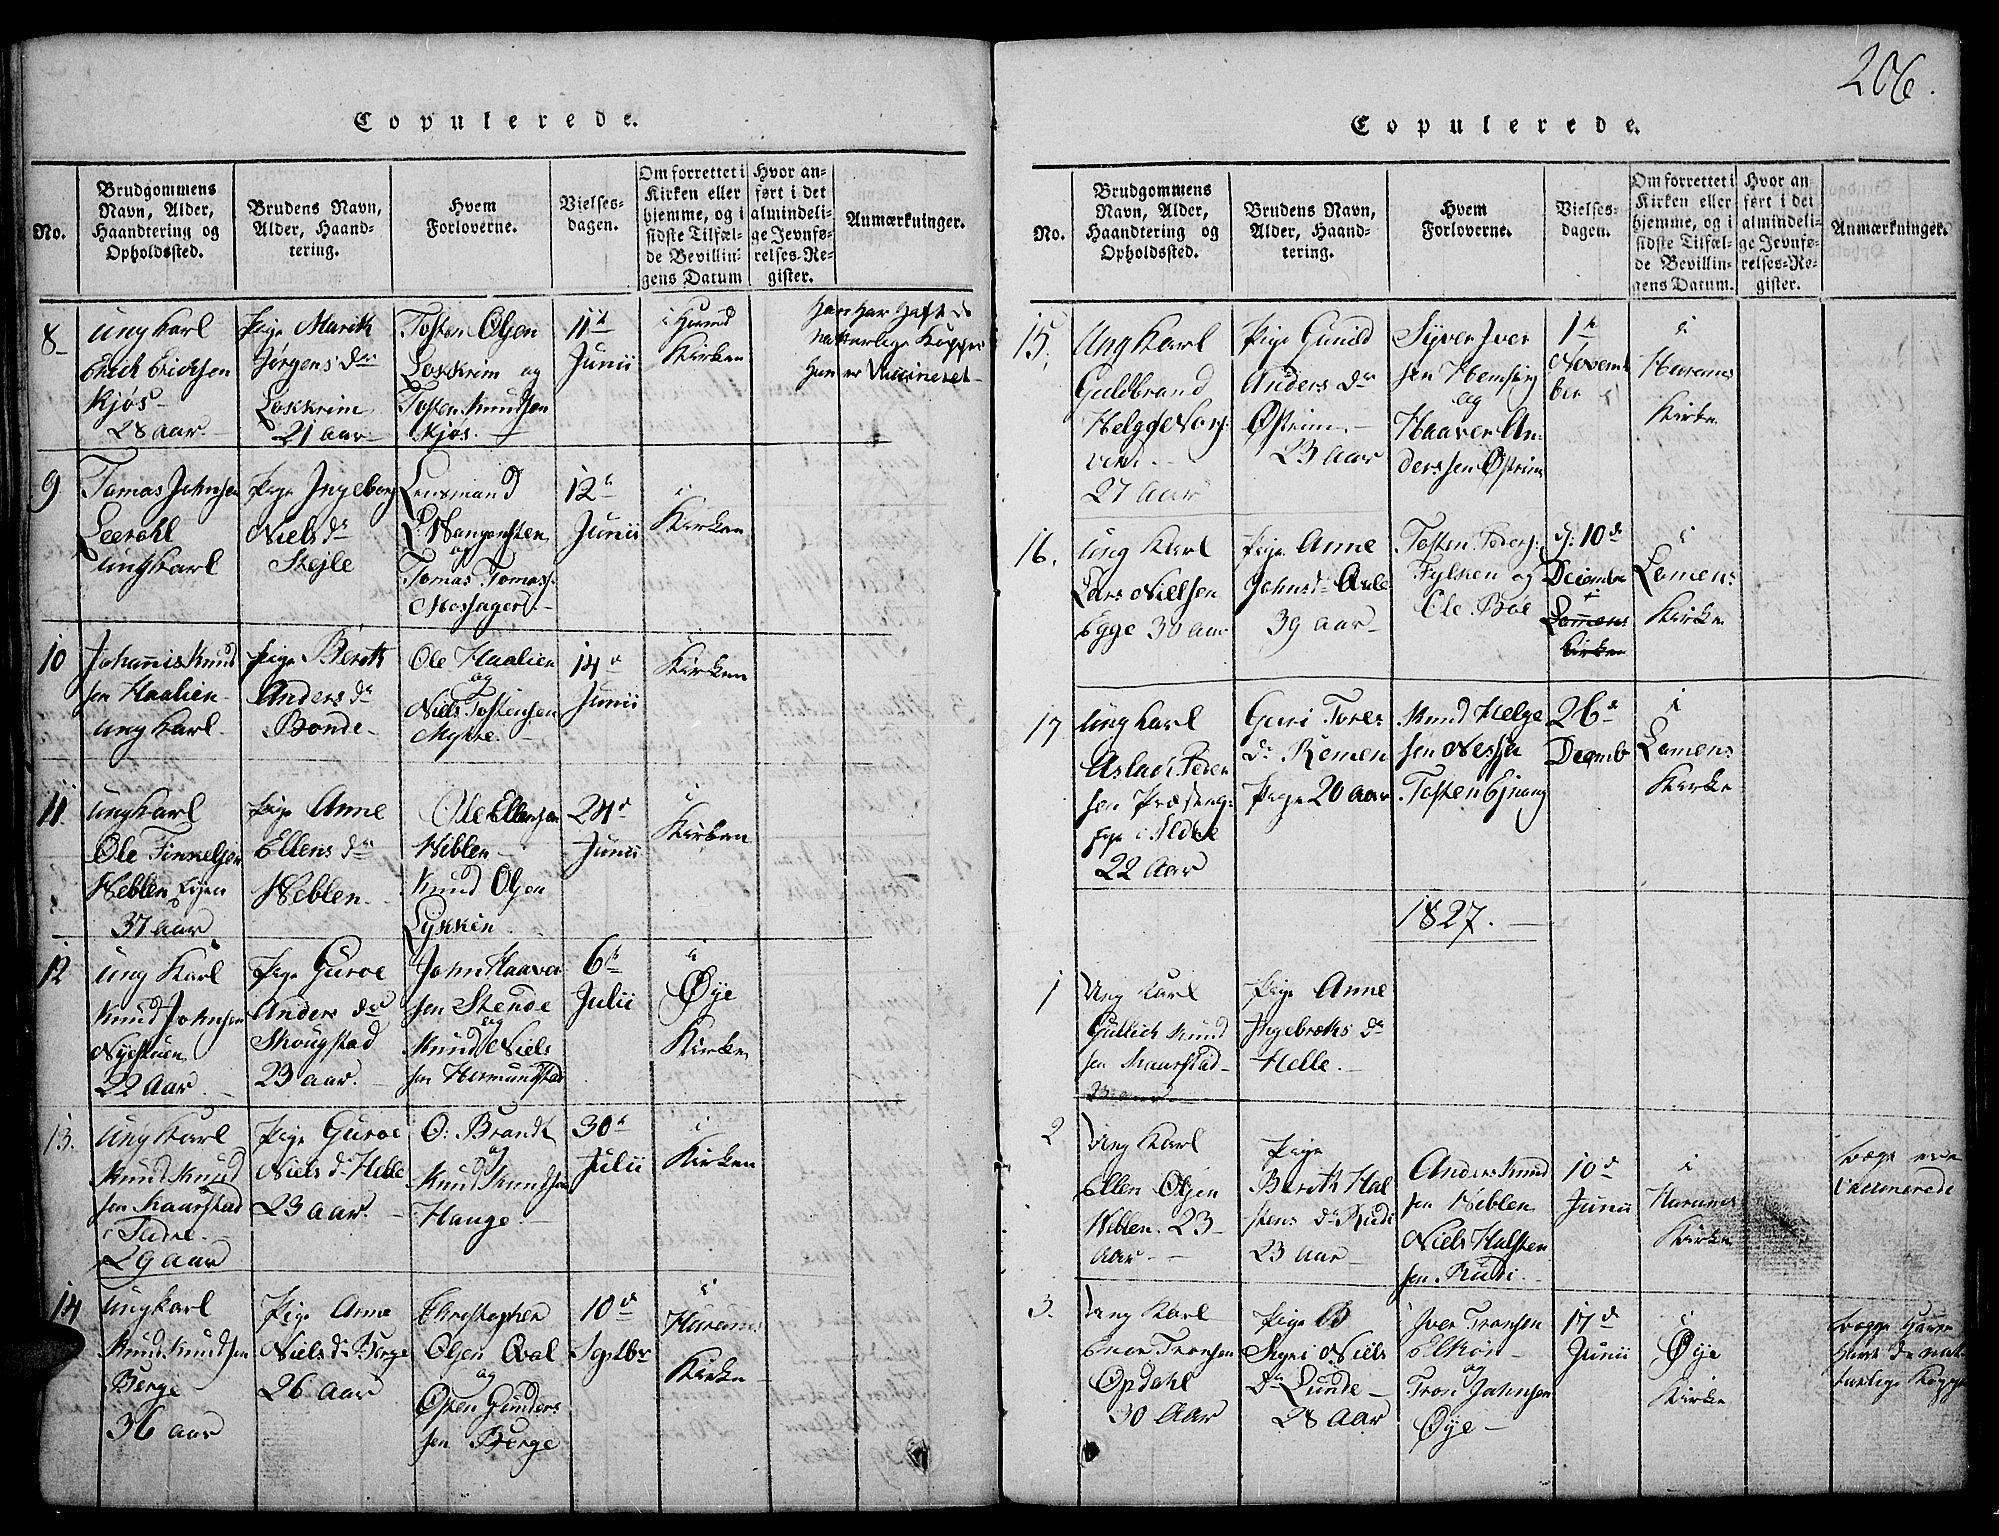 SAH, Vang prestekontor, Valdres, Klokkerbok nr. 2, 1814-1889, s. 206